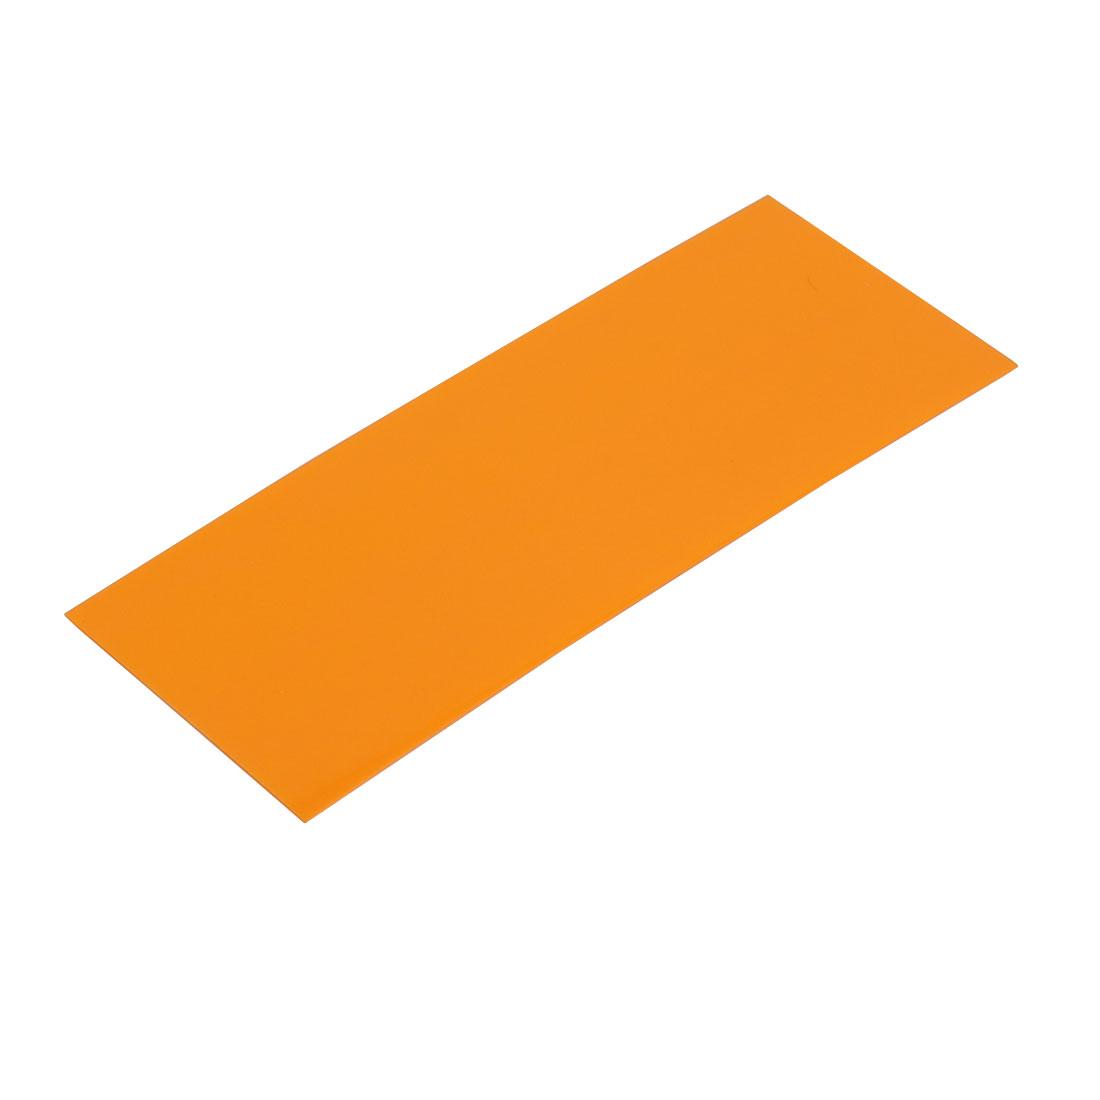 29.5mm Flat Width 72mm Long PVC Heat Shrinkable Tube Orange for 18650 Battery